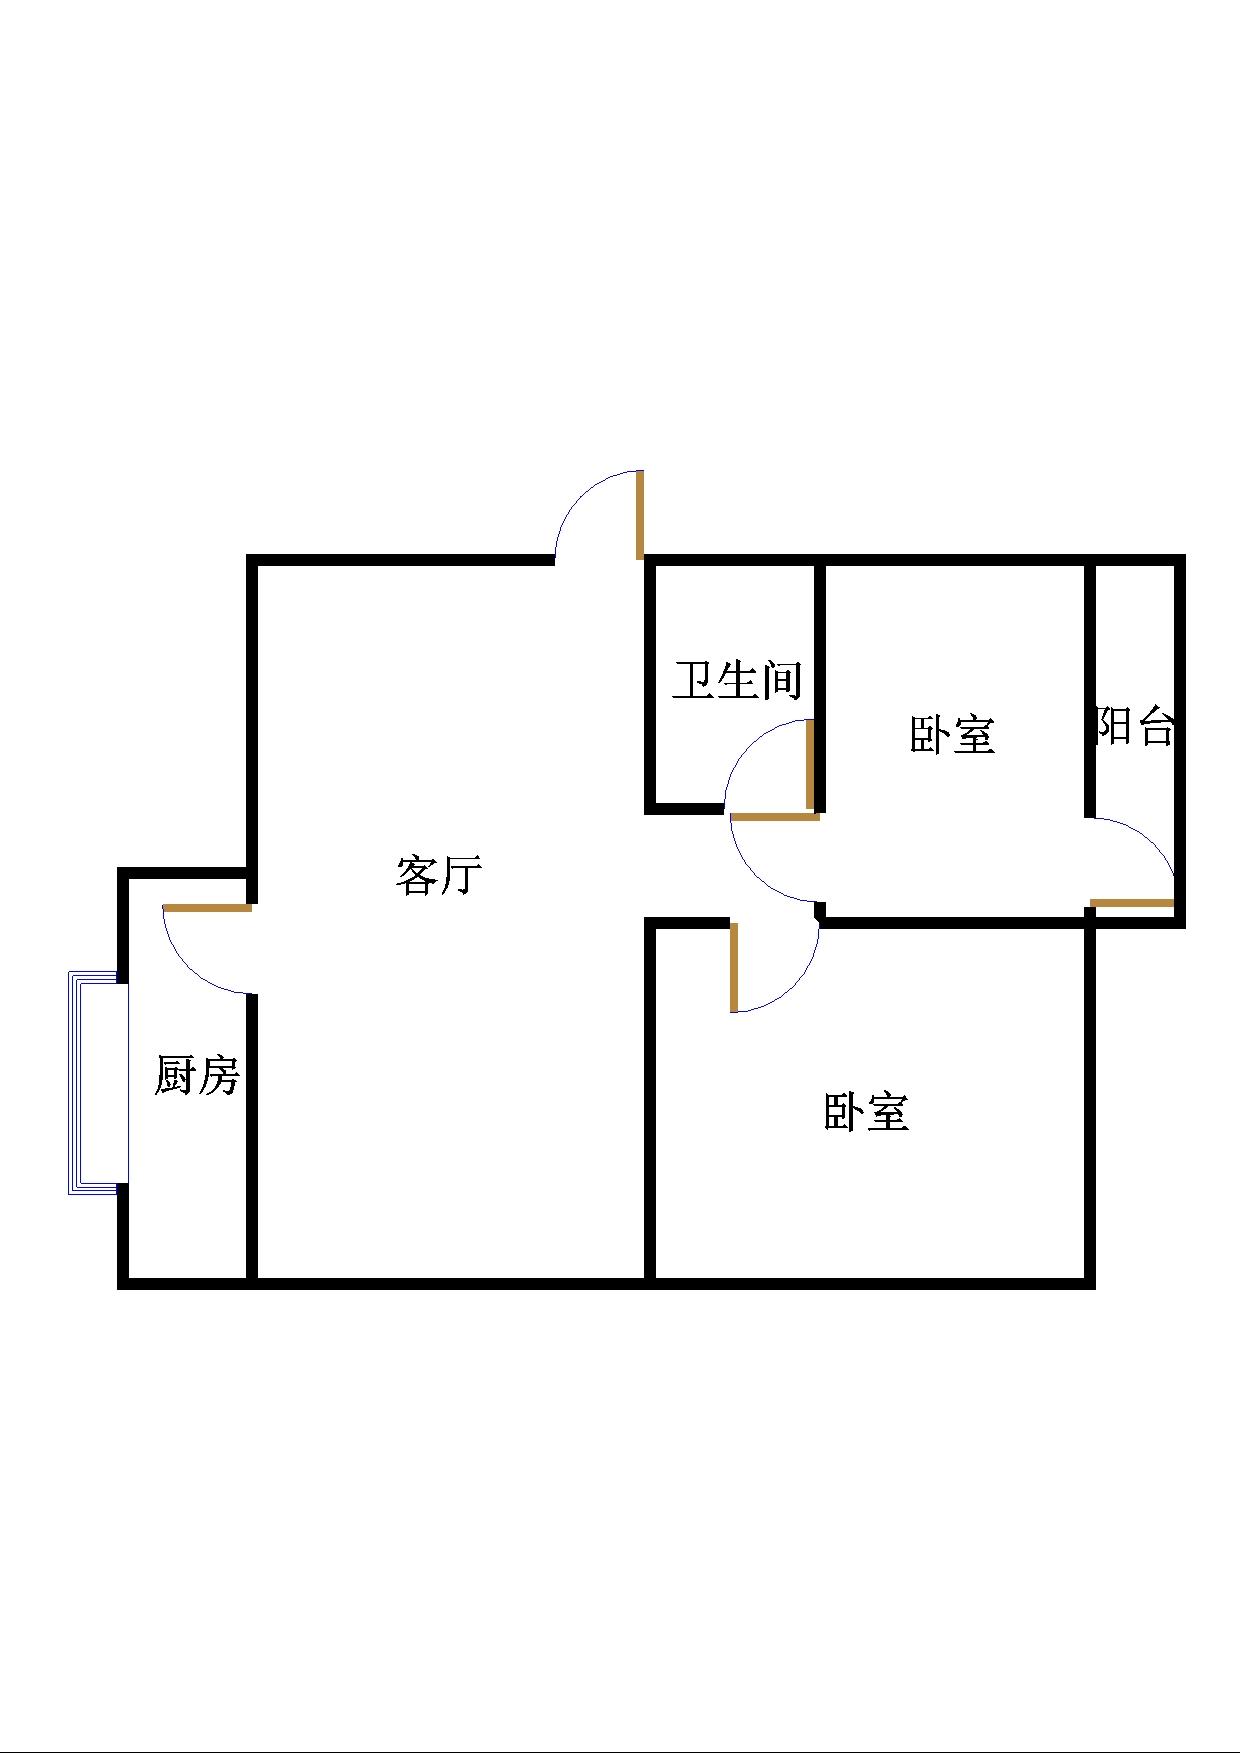 金谷园小区 2室1厅 5楼